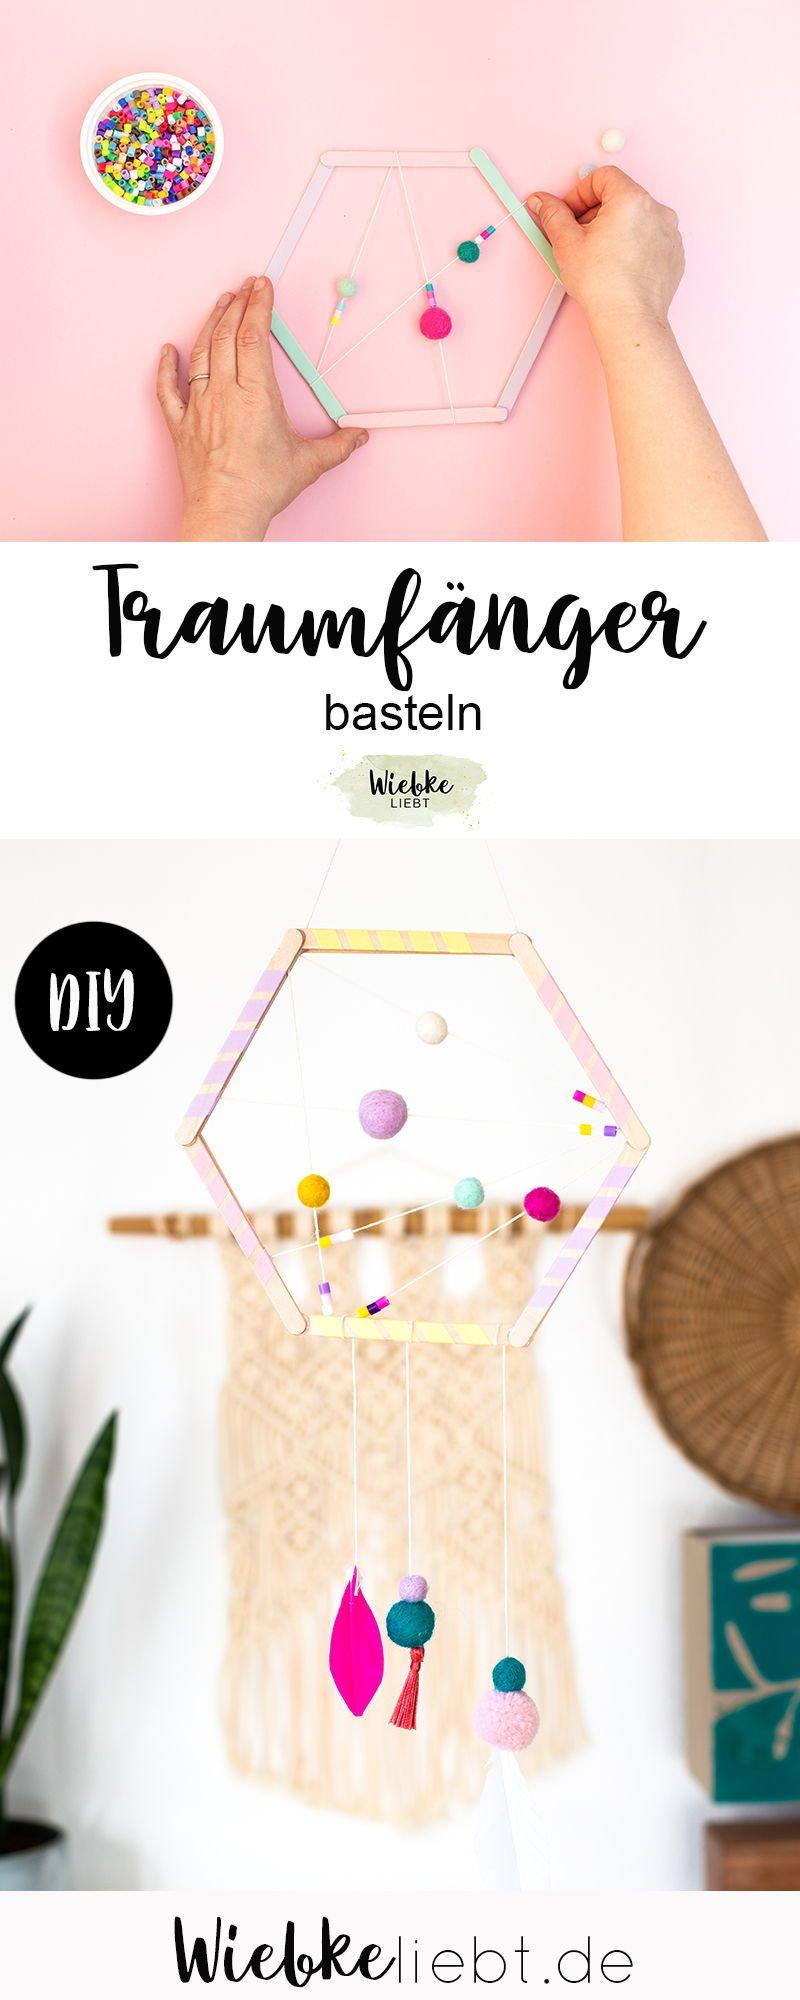 Traumfänger basteln - DIY Deko für das Kinderzimmer [Werbung] | DIY Blog | Do-it-yourself Anleitunge